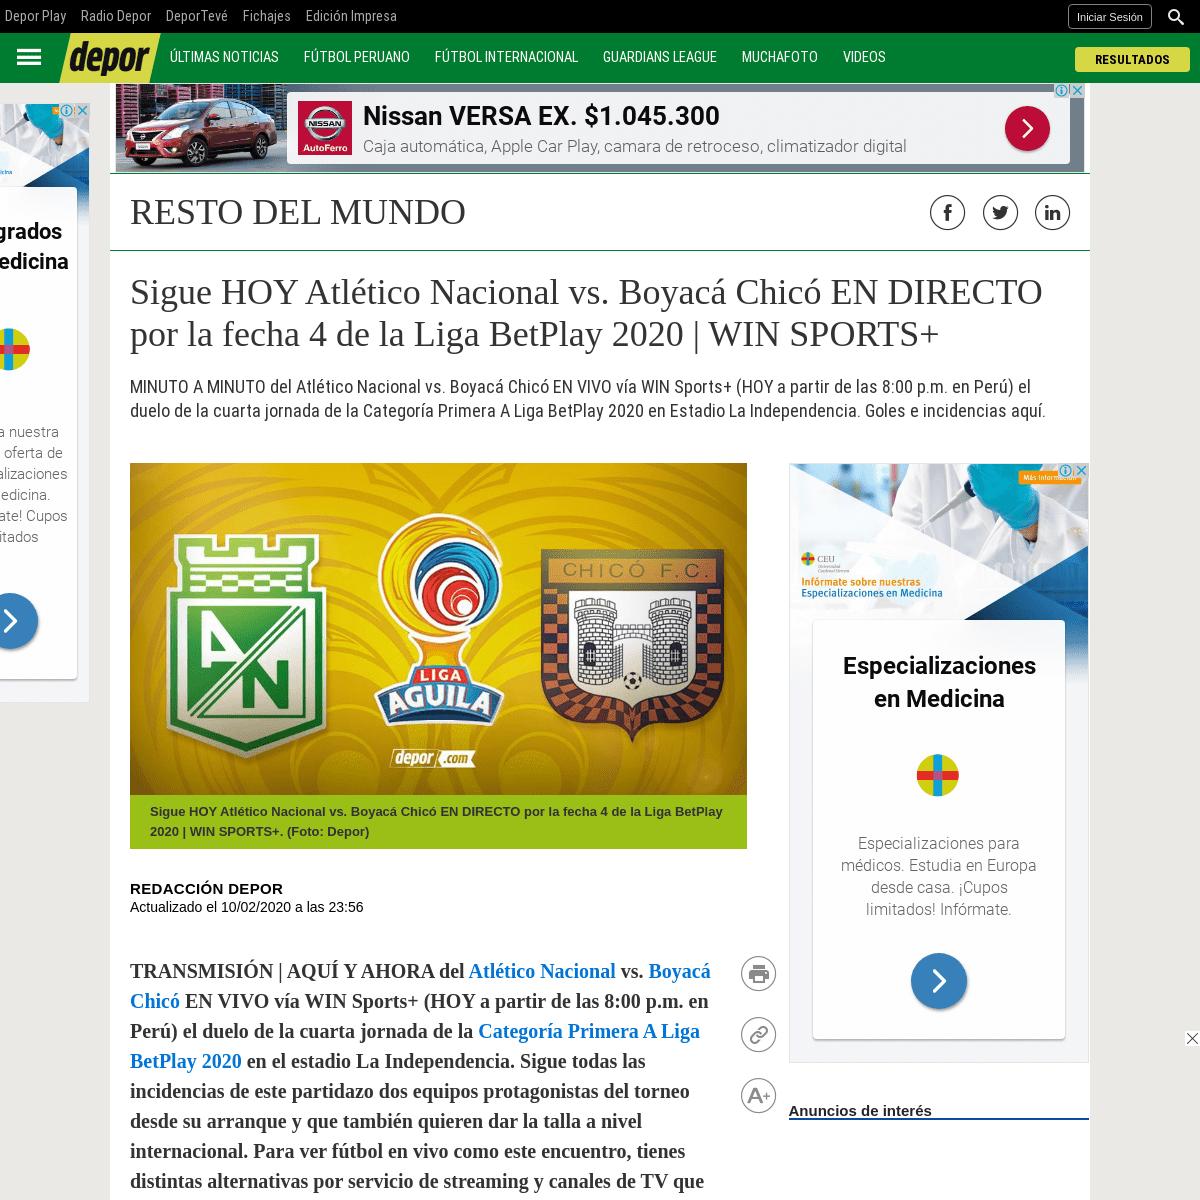 ArchiveBay.com - depor.com/futbol-internacional/resto-del-mundo/ver-win-sports-gratis-atletico-nacional-vs-boyaca-chico-en-vivo-en-directo-online-via-gol-caracol-ver-transmision-aqui-y-ahora-minuto-a-minuto-del-partido-streaming-live-hd-tv-rcn-fox-premium-online-hd-por-la- - [VER WIN SPORTS+ GRATIS] Atlético Nacional vs. Boyacá Chicó EN VIVO EN DIRECTO ONLINE vía GOL Caracol- ver transmisión aqu�